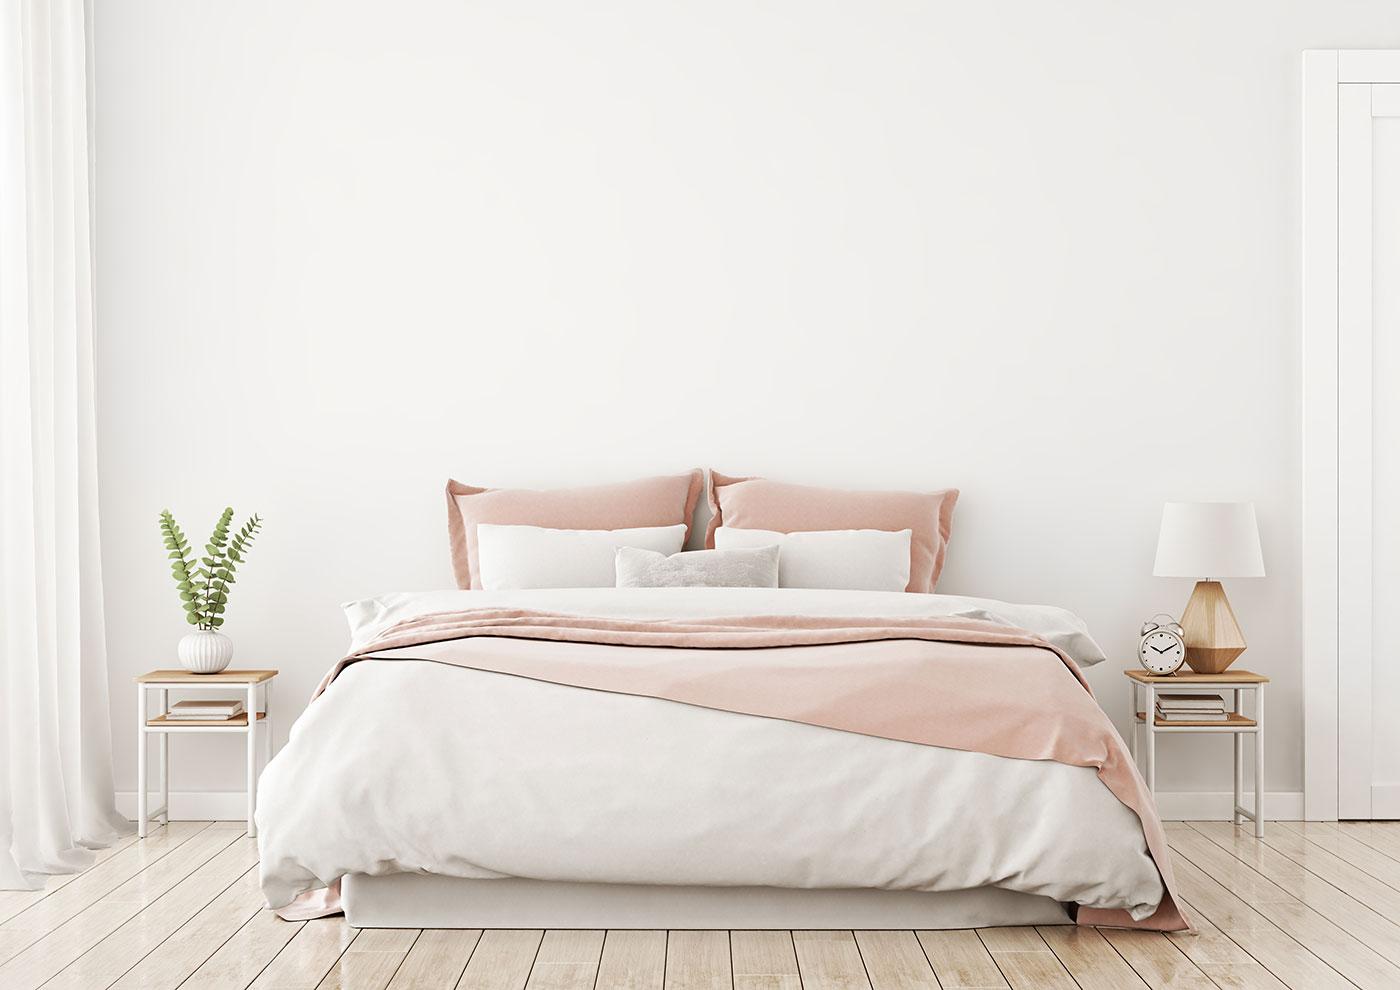 Acari Da Letto come eliminare gli acari del letto e dormire bene